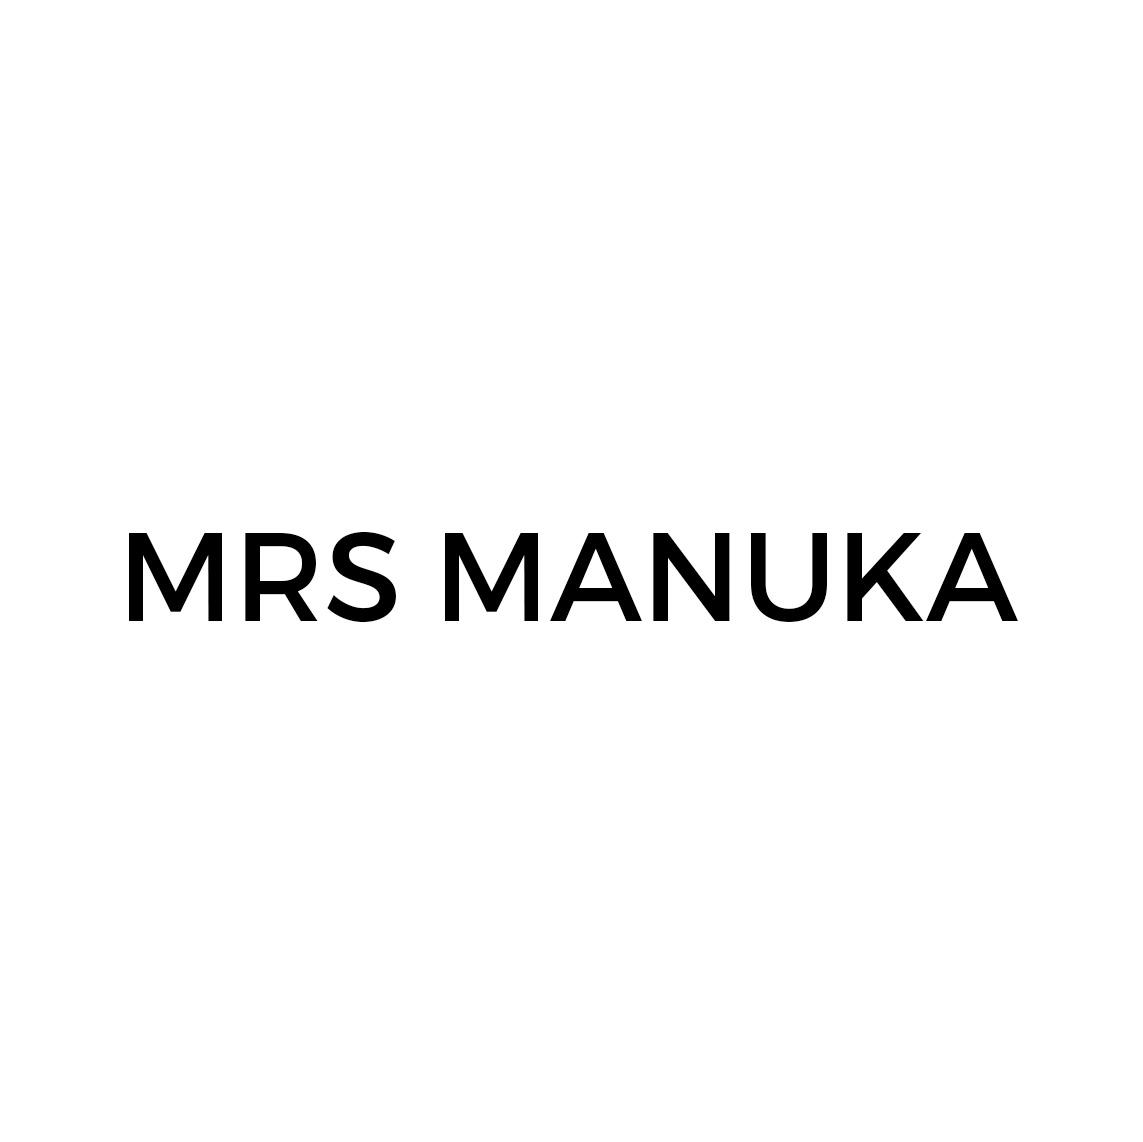 Mrs Manuka's logo